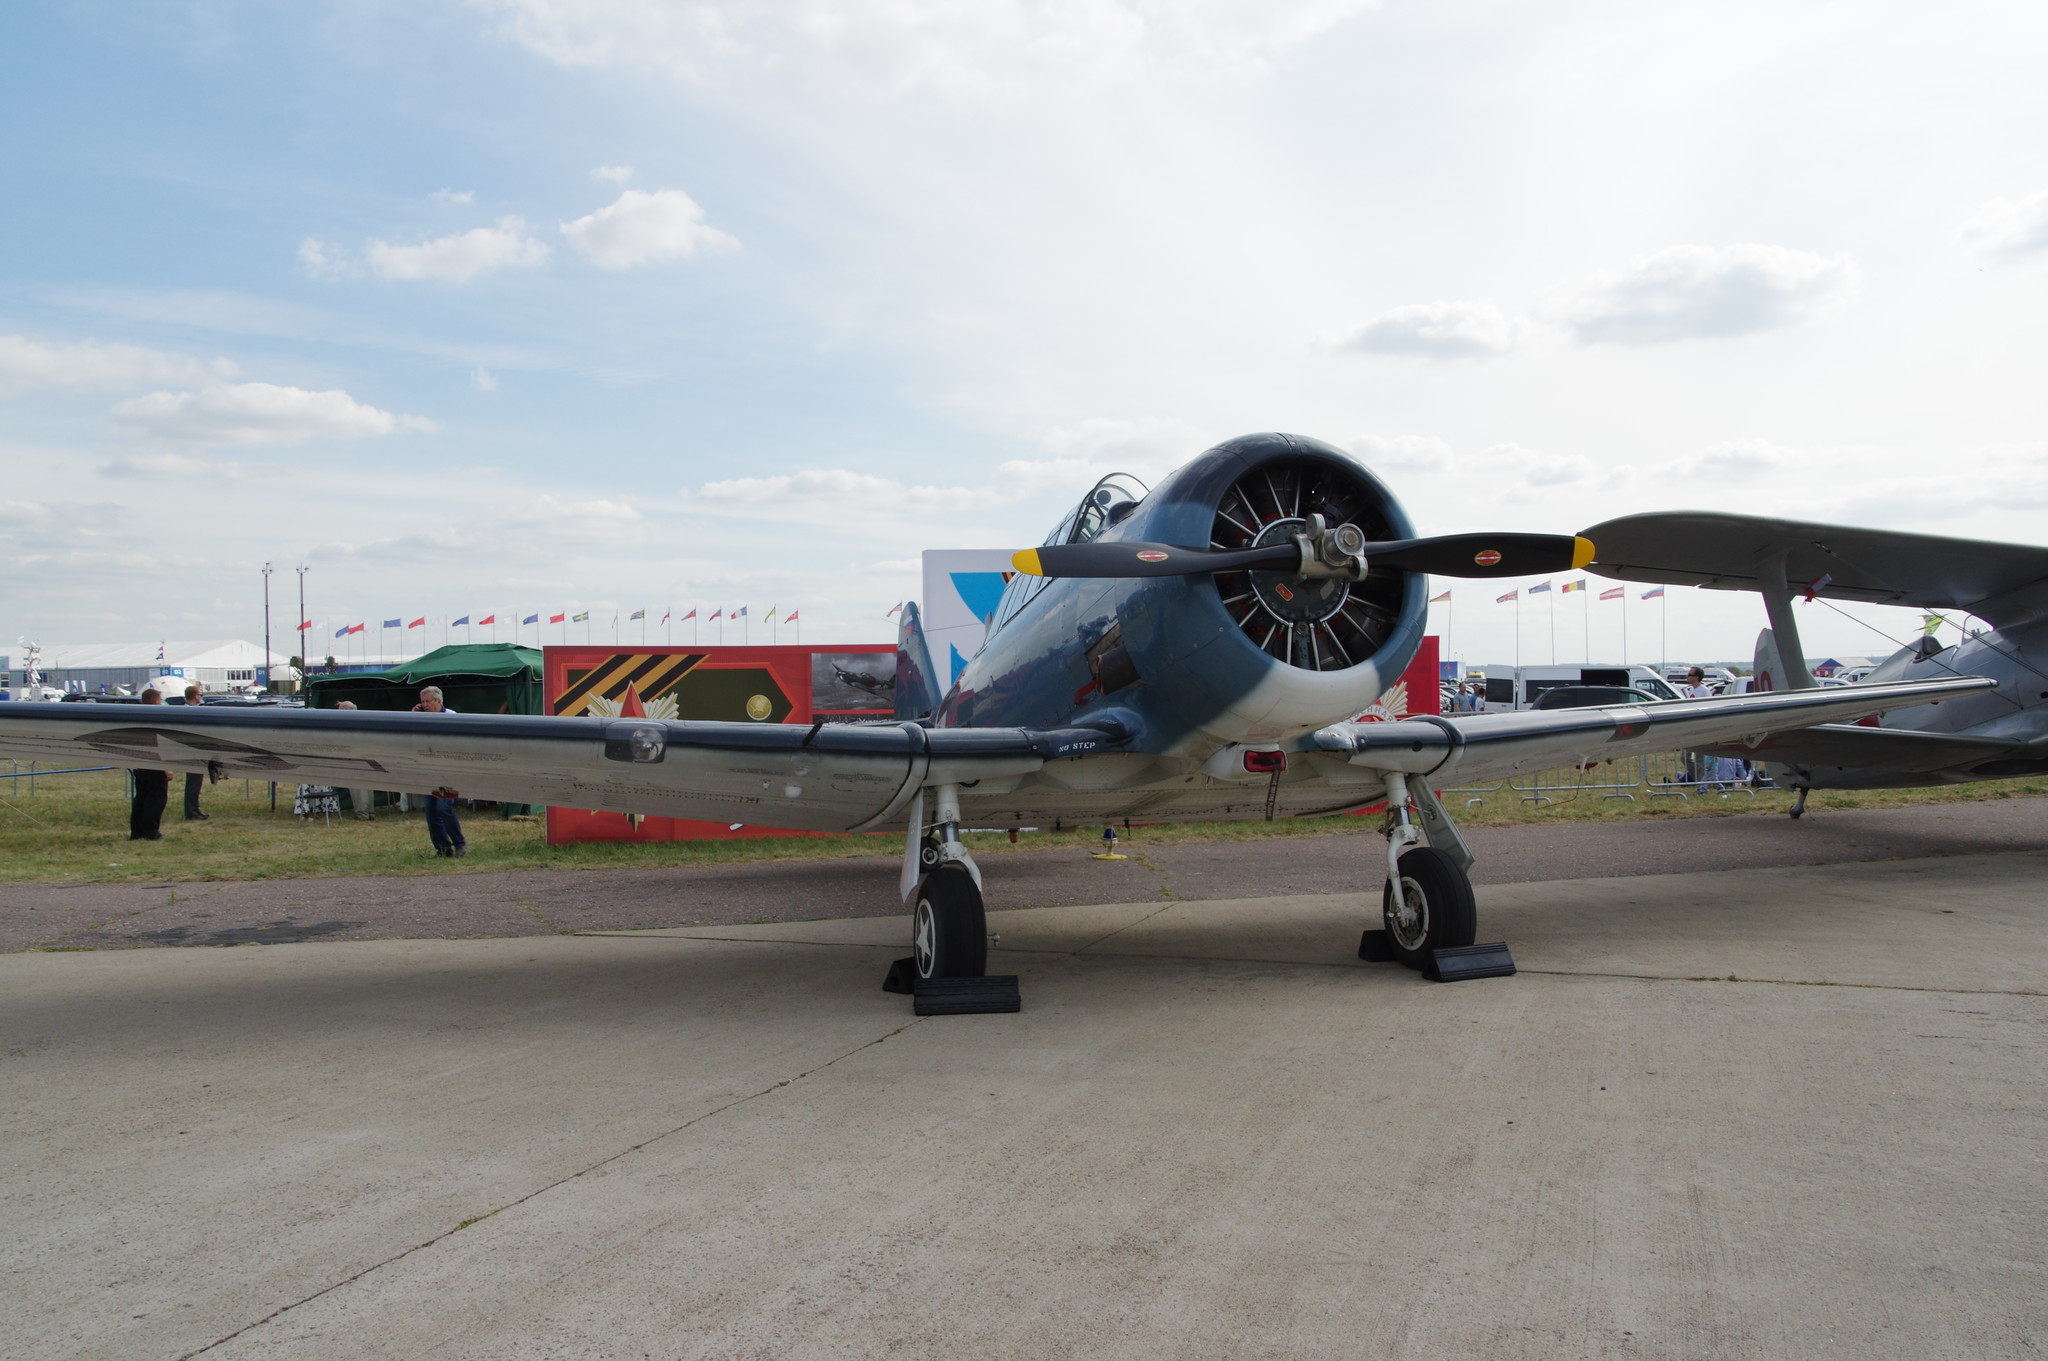 Лёгкий учебный самолёт T-6 Texan